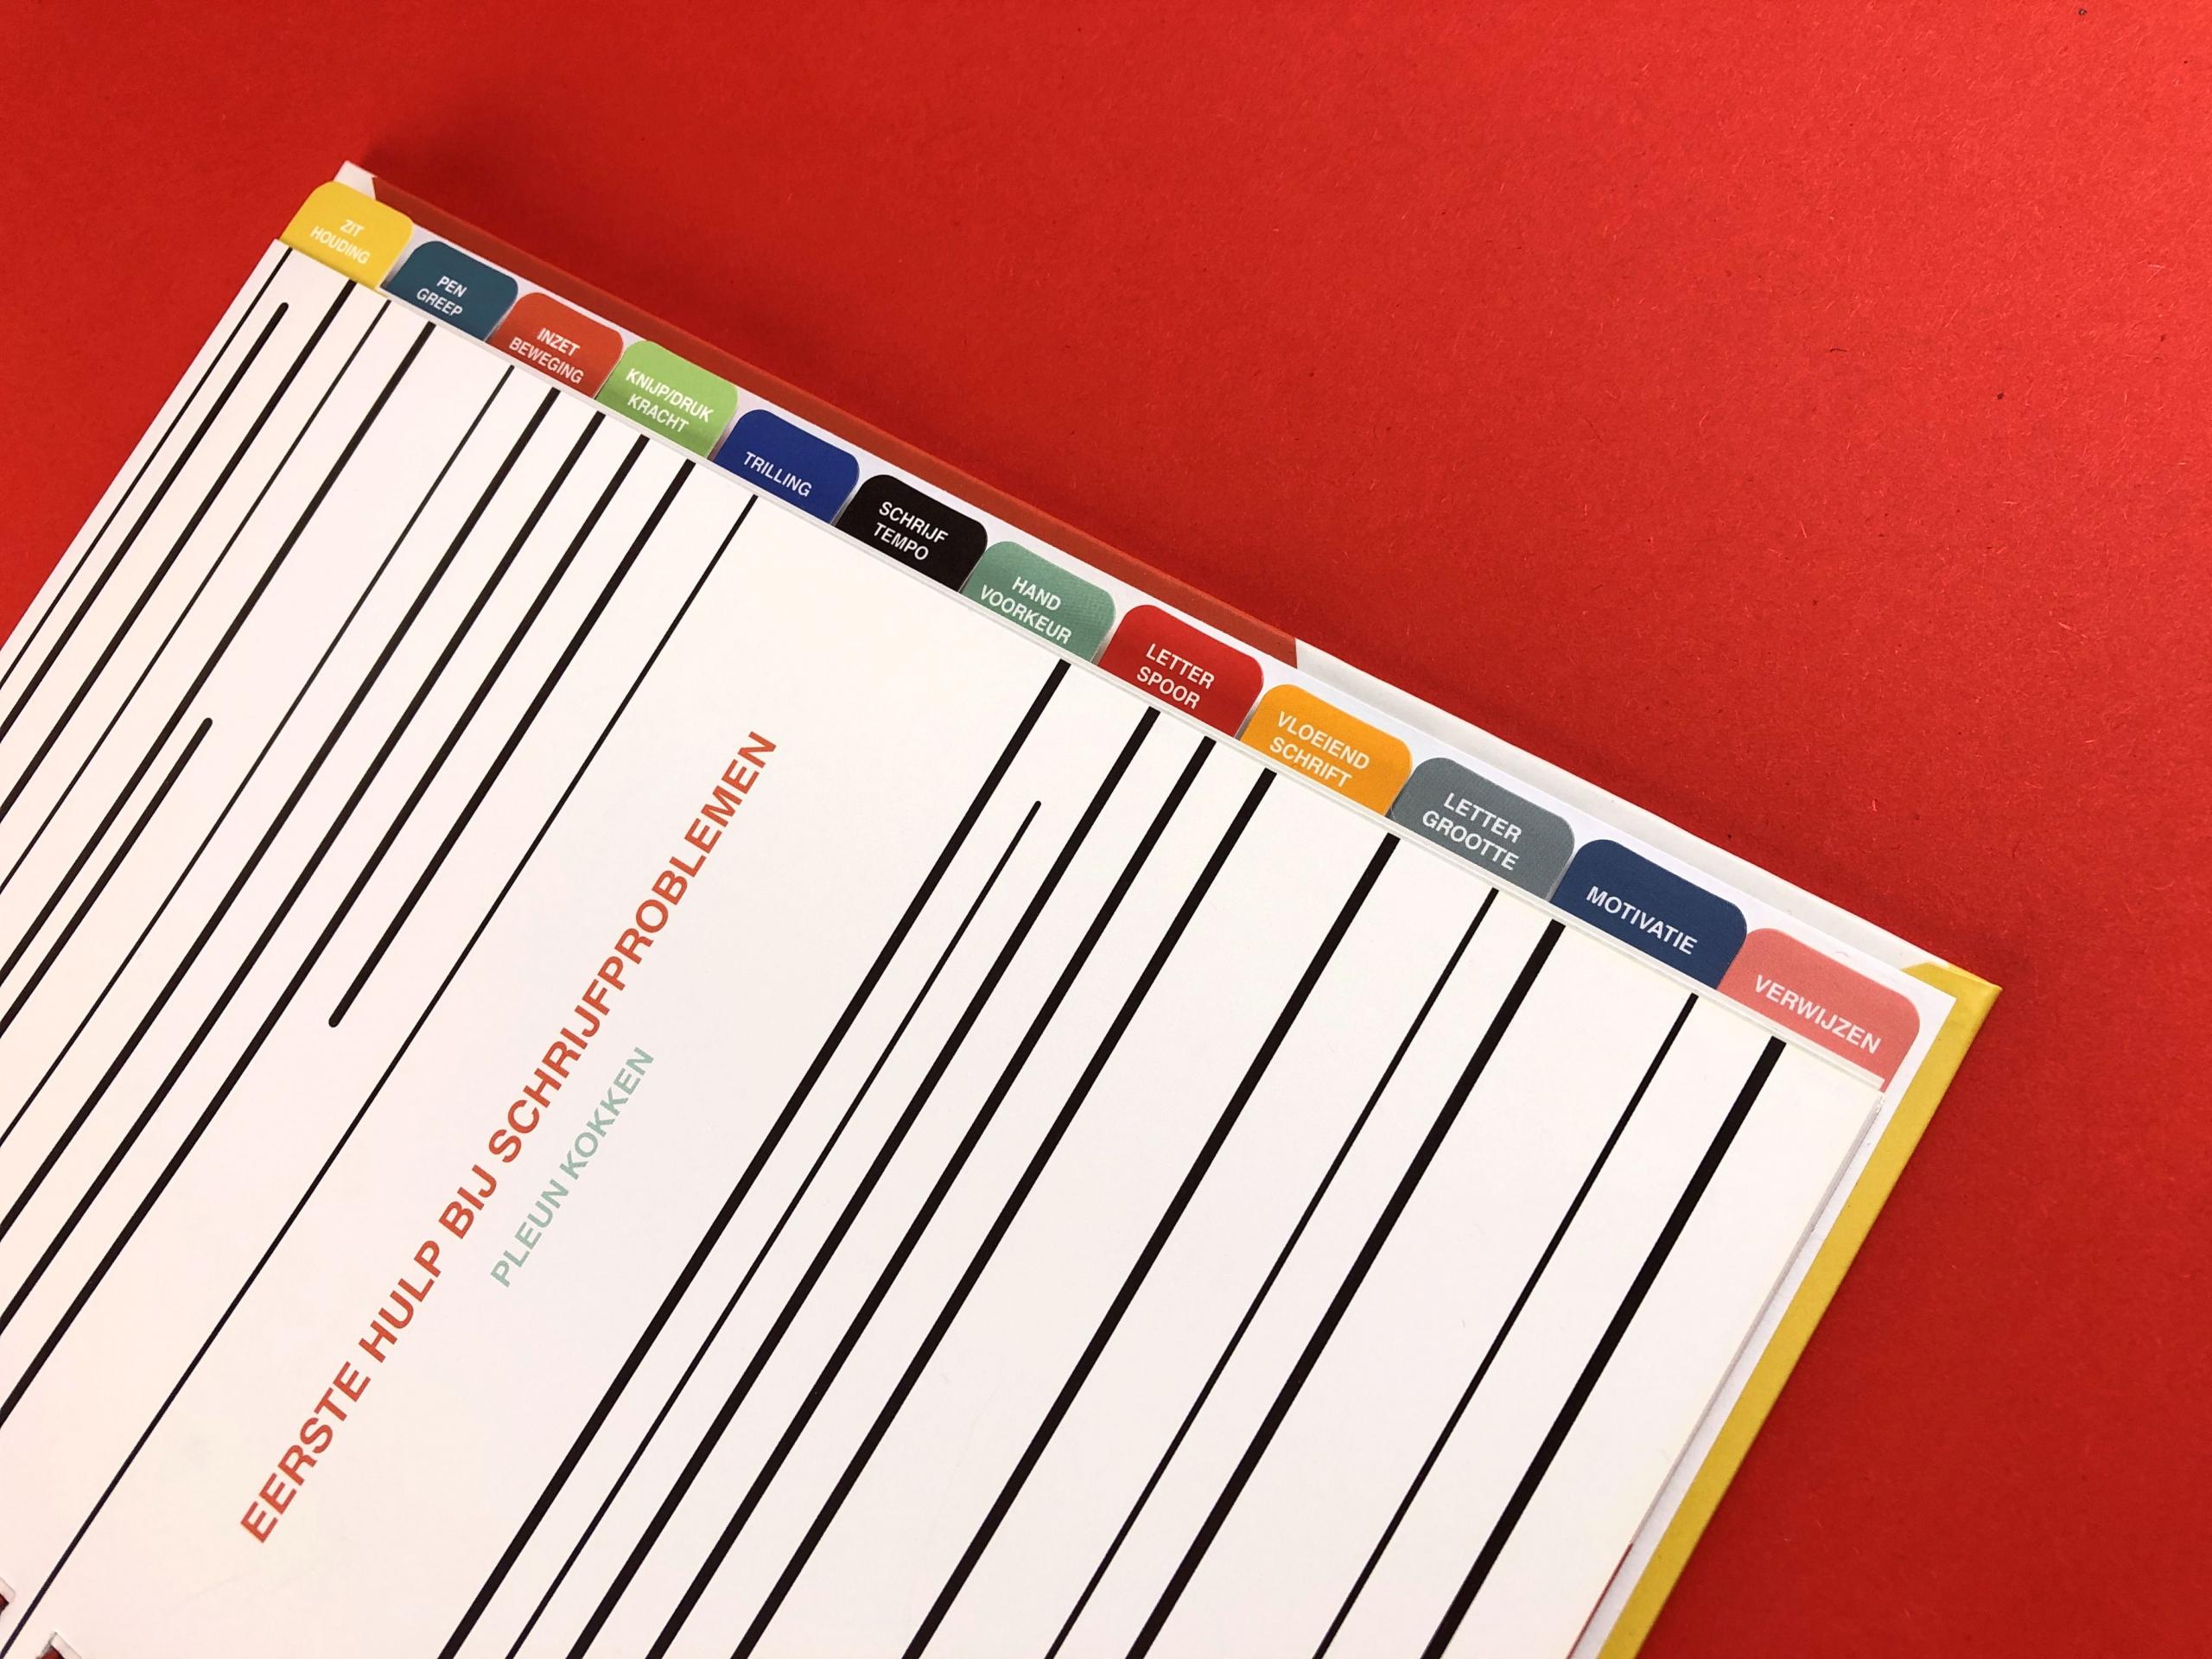 mijndrukker.nl - Hardcover Wire-O, 'Eerste Hulp Bij Schrijfproblemen' - Tabbladenset